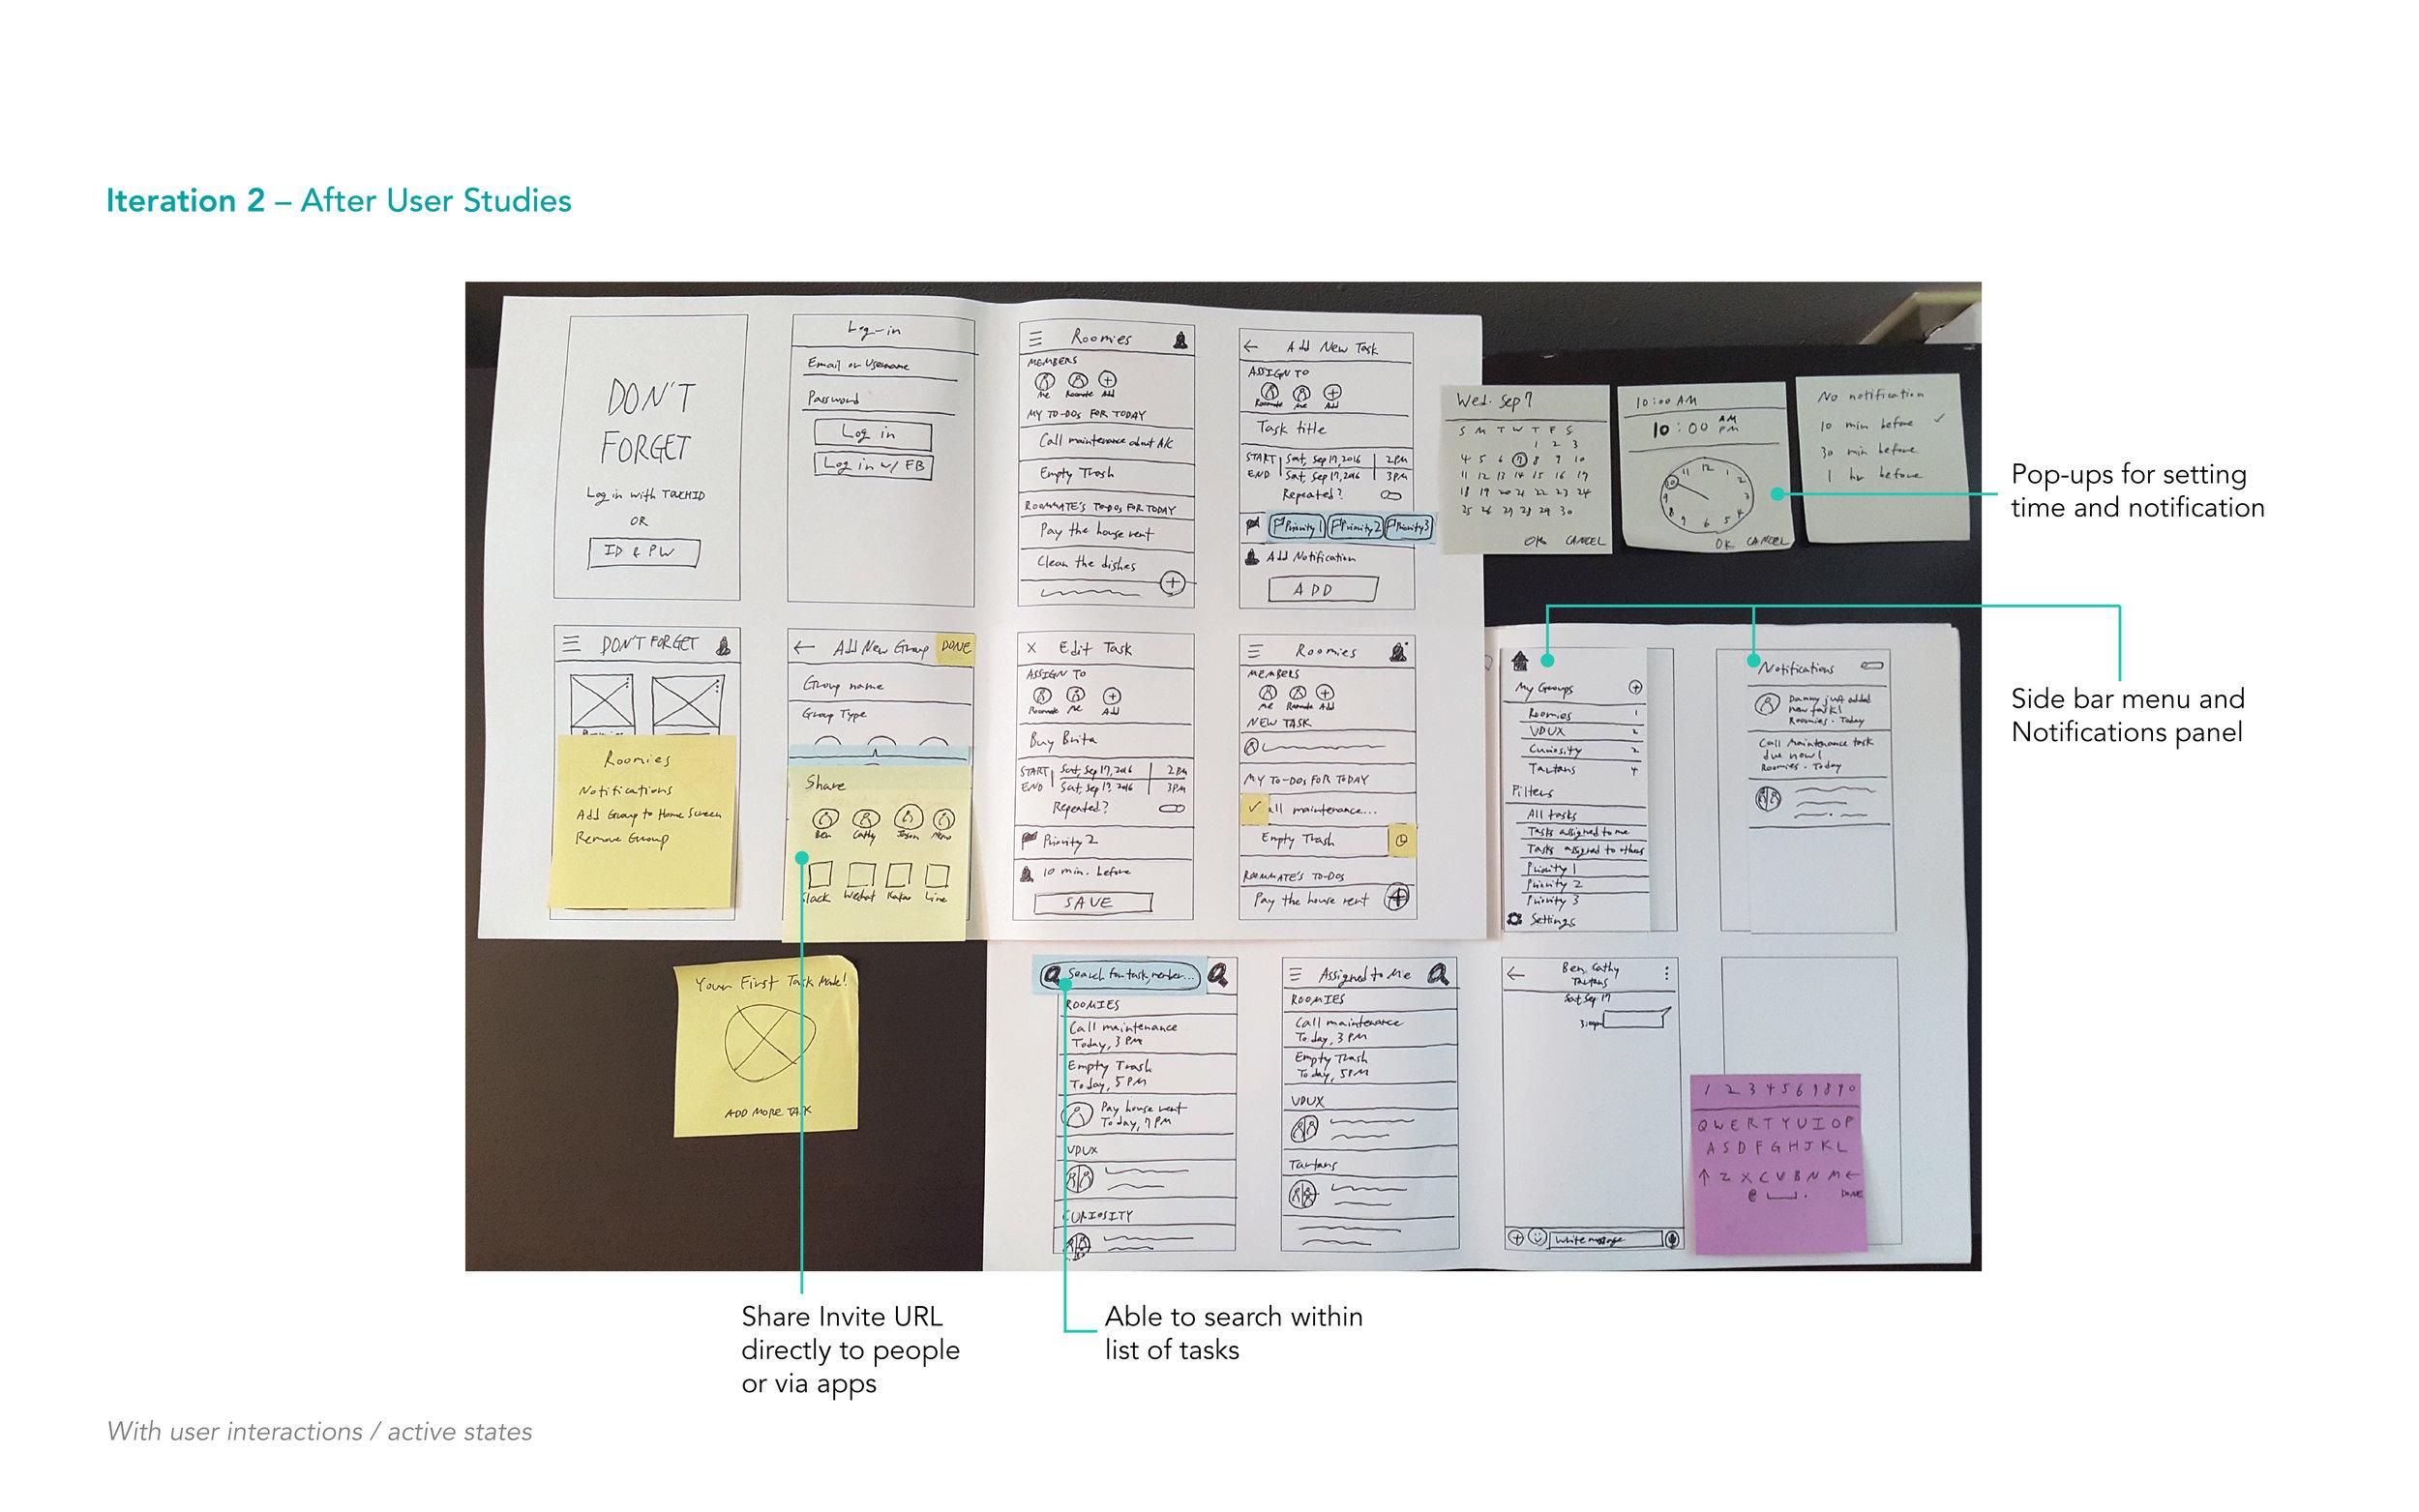 DannyChoo_DontForget_paperProto_v23.jpg